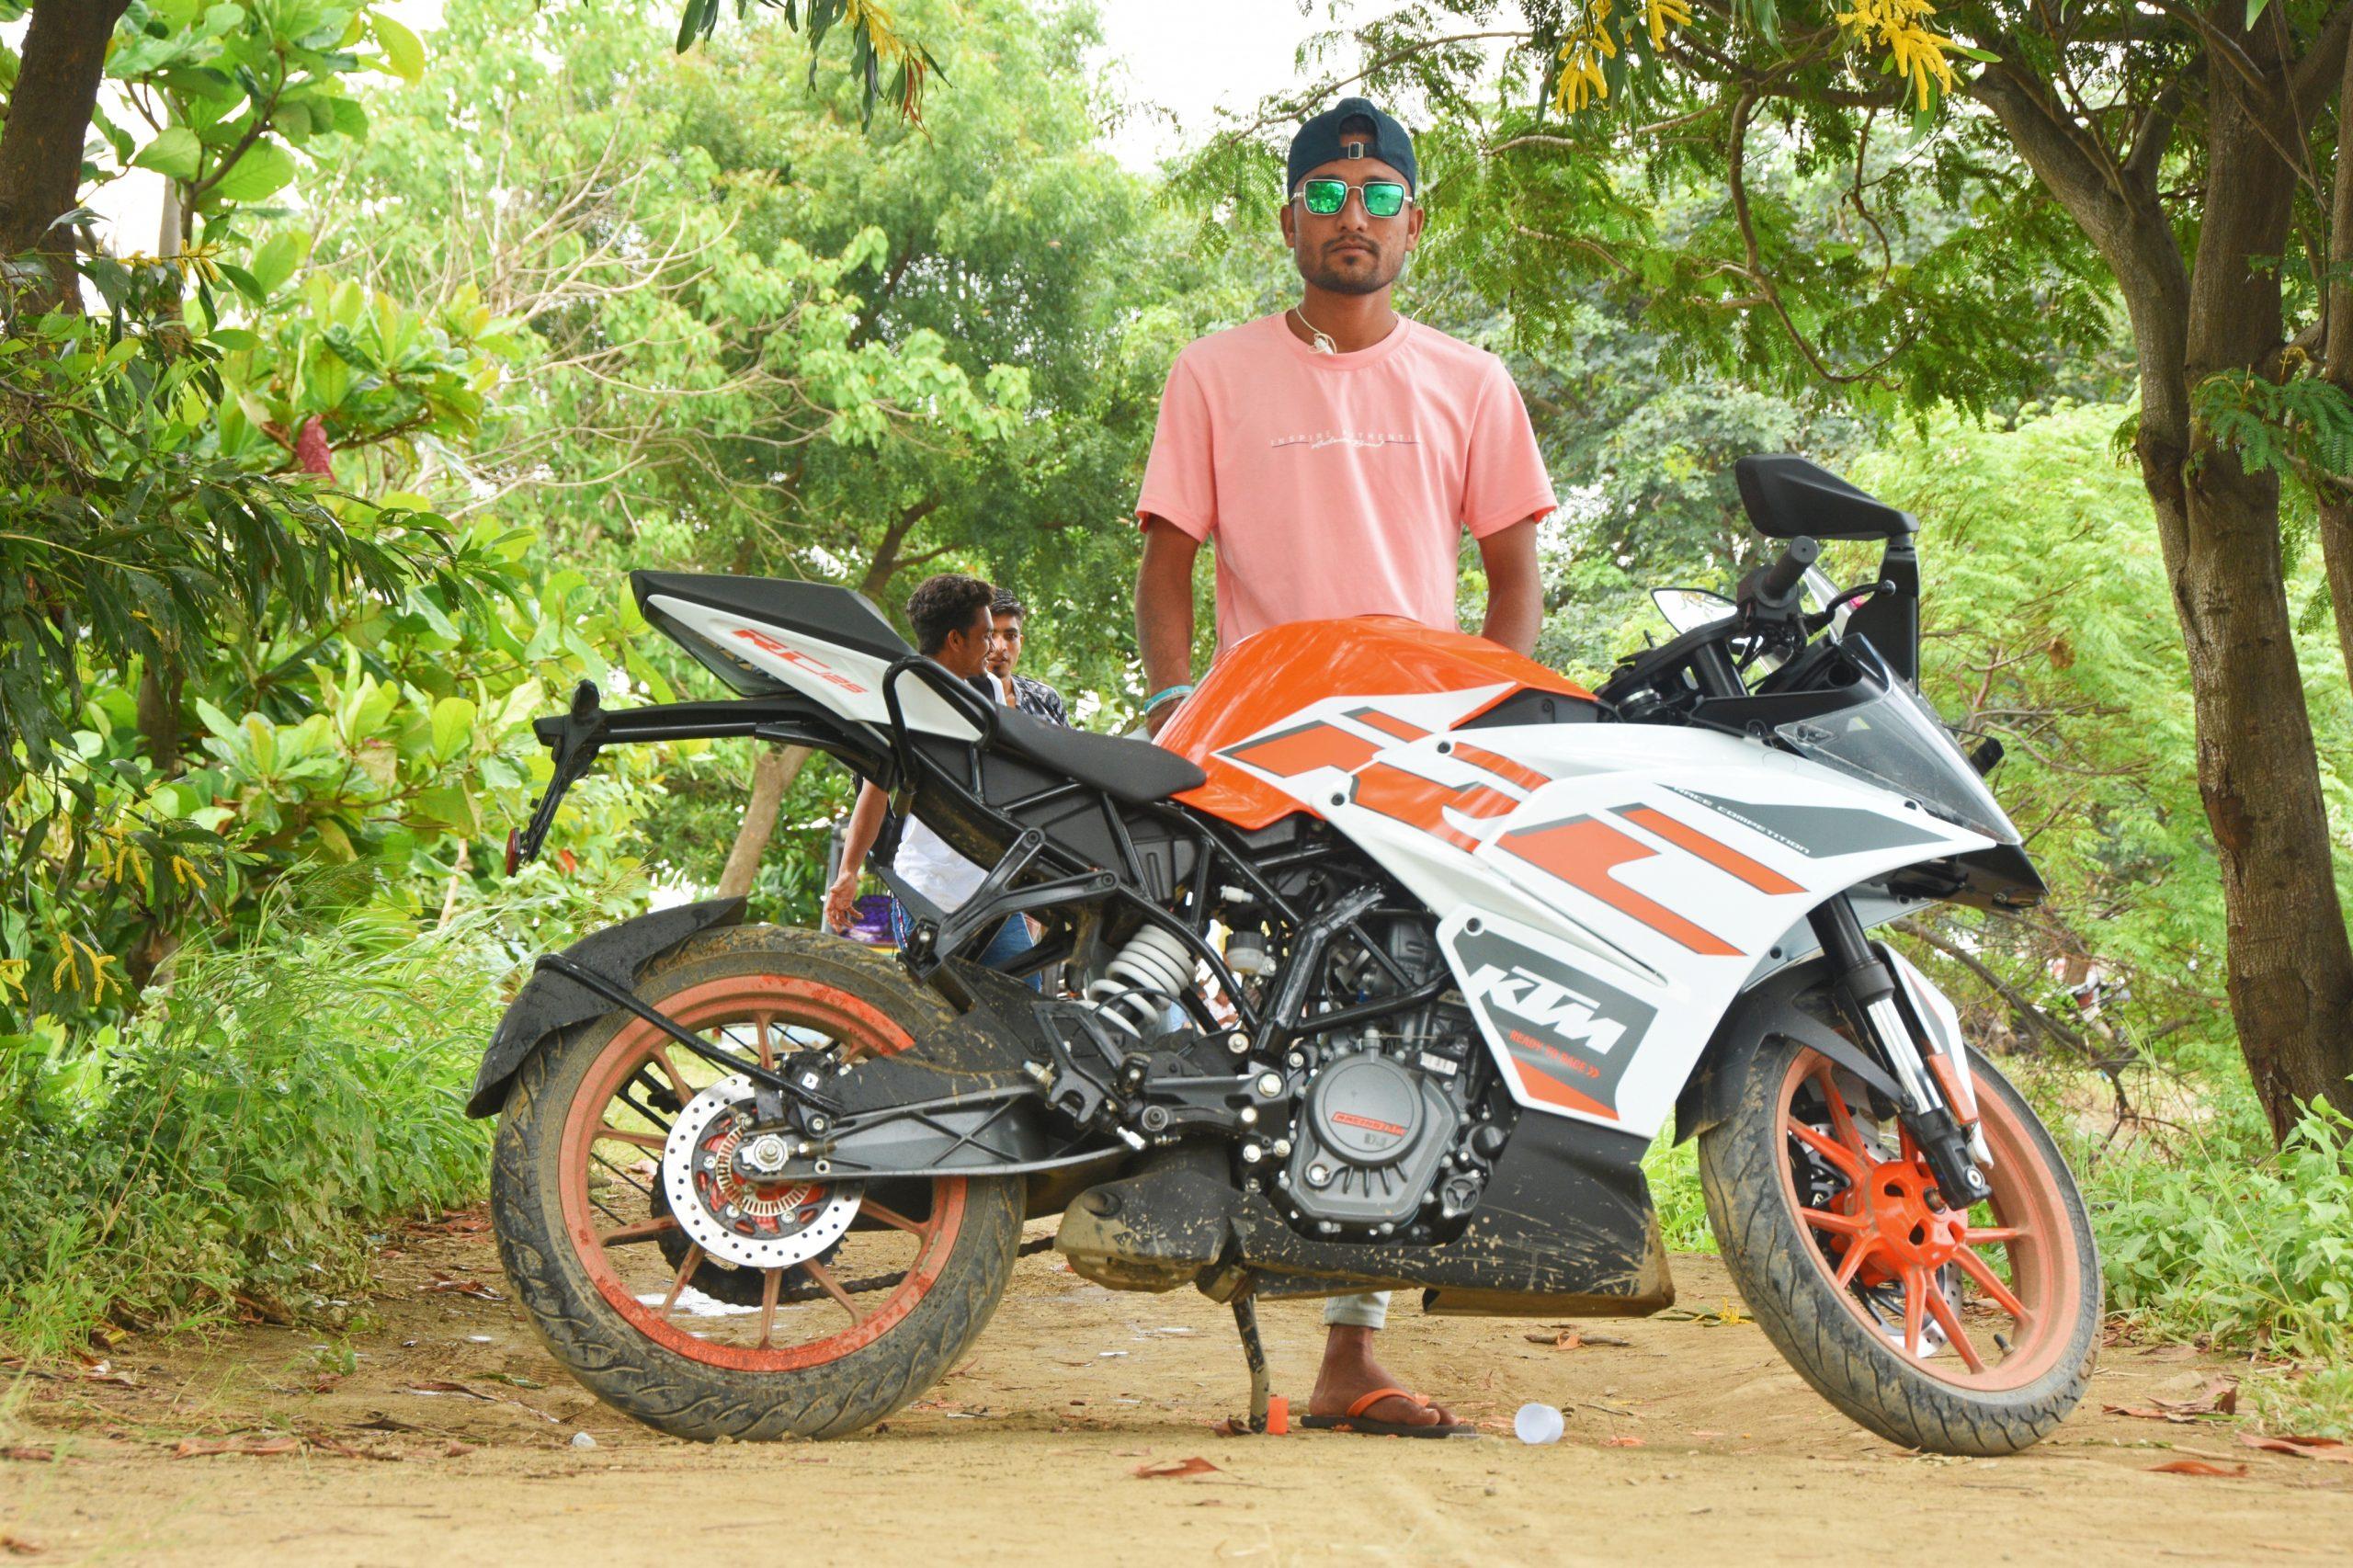 Model posing on KTM bike